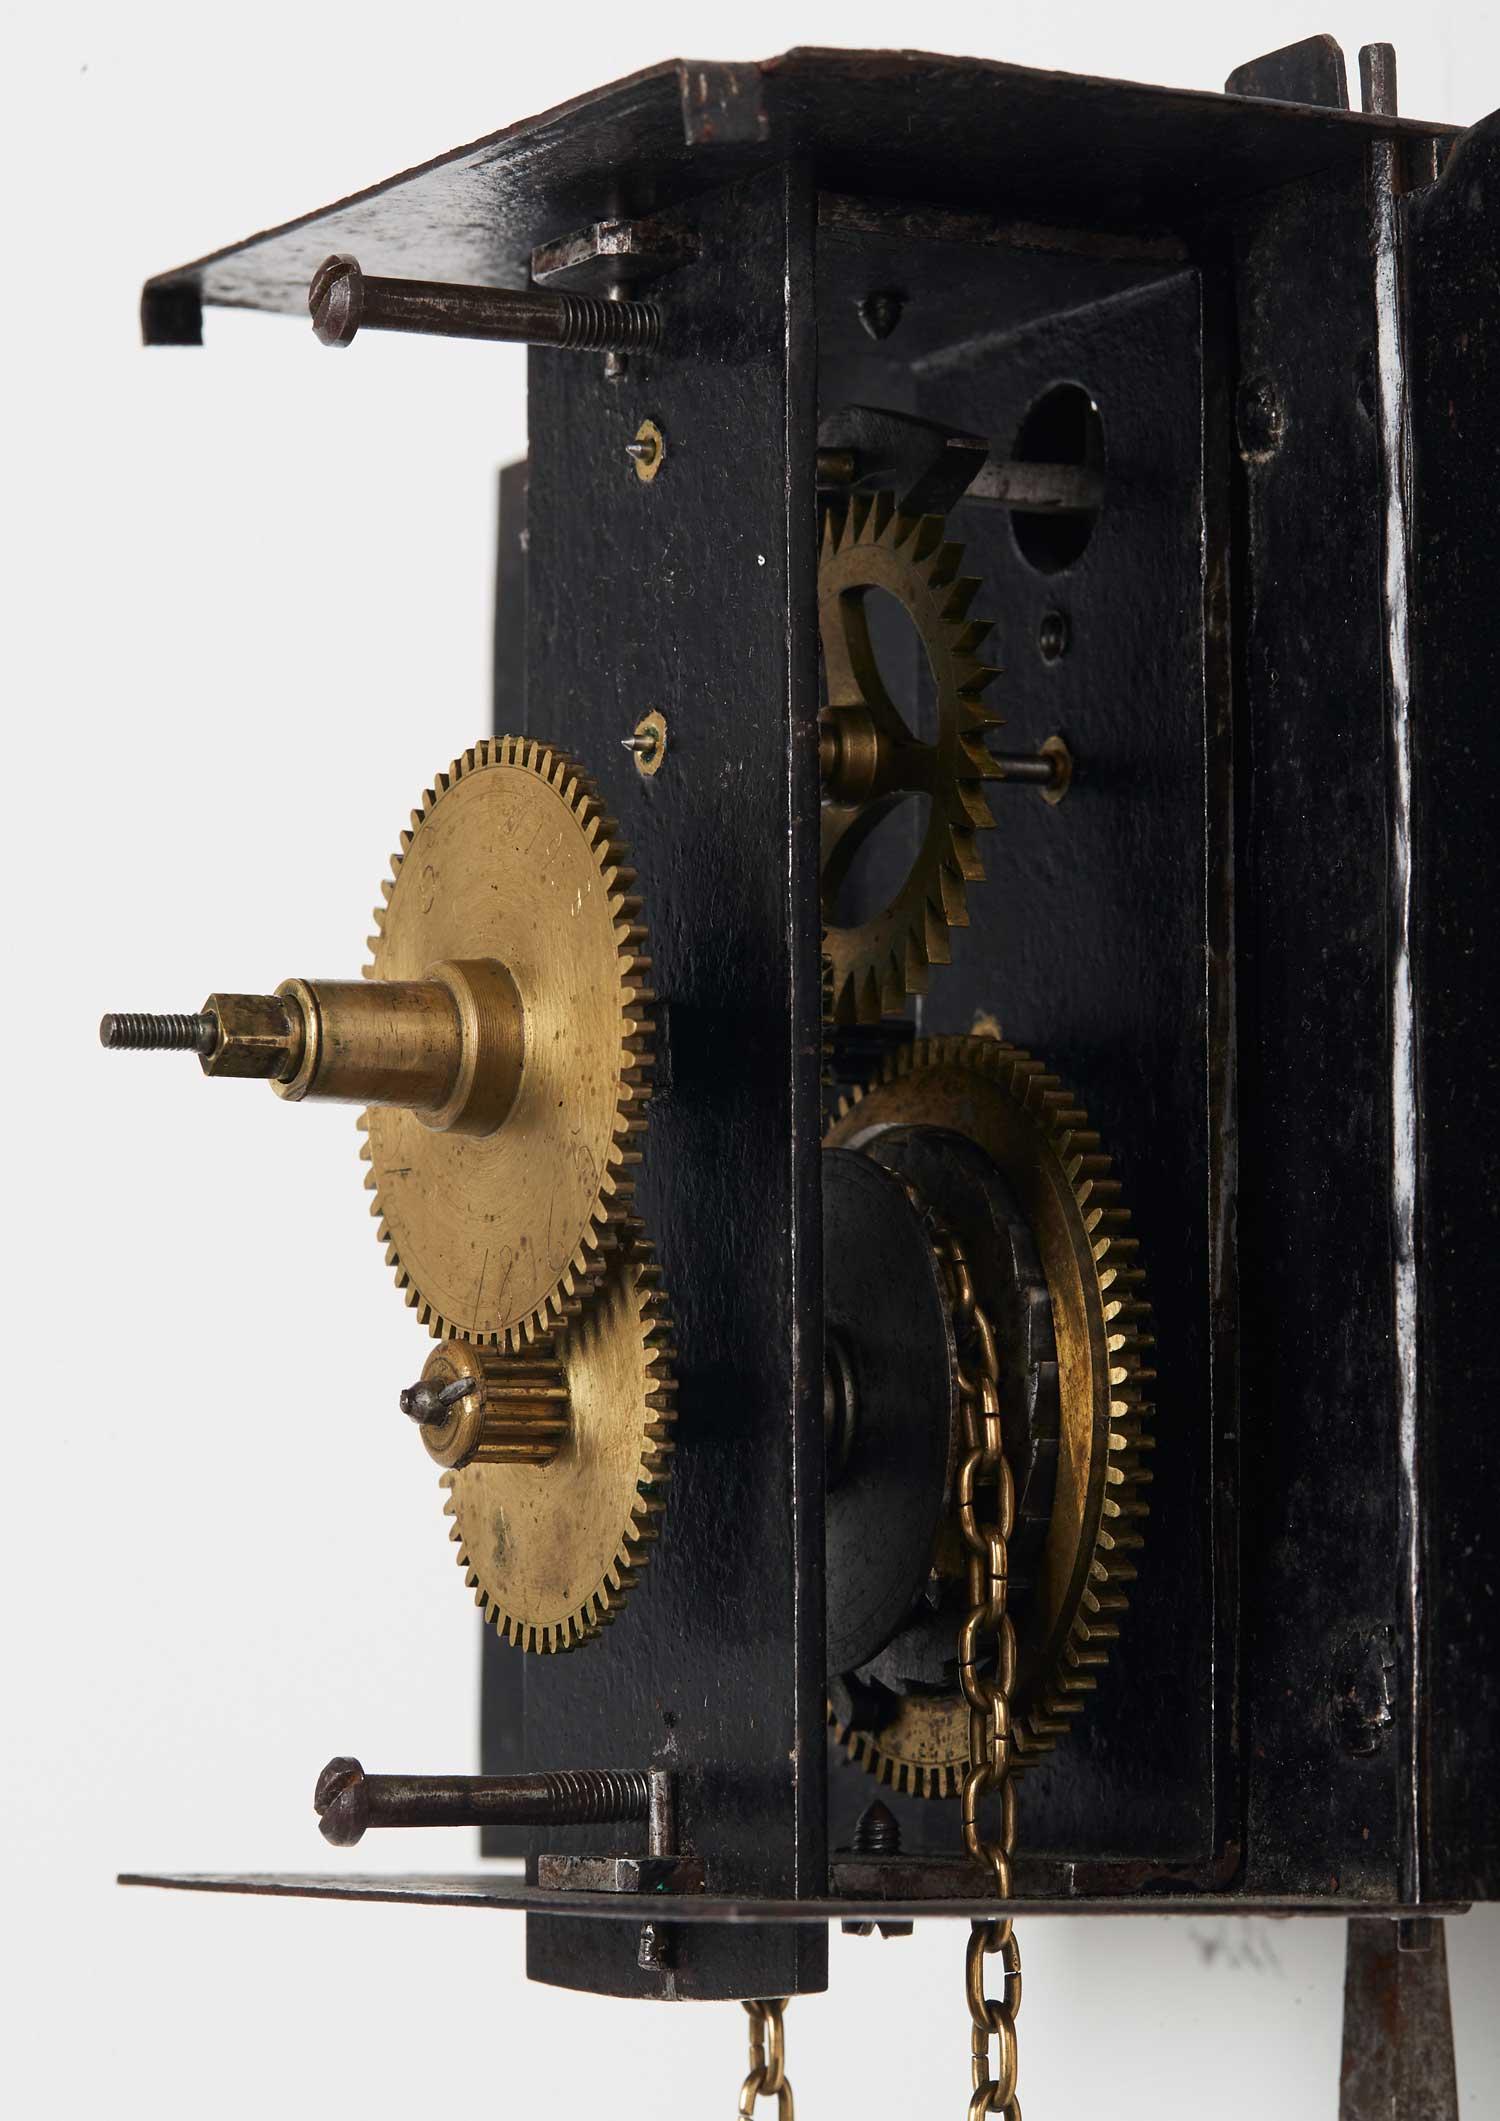 kroeger-clock-mandtler-mc0217-4.jpg